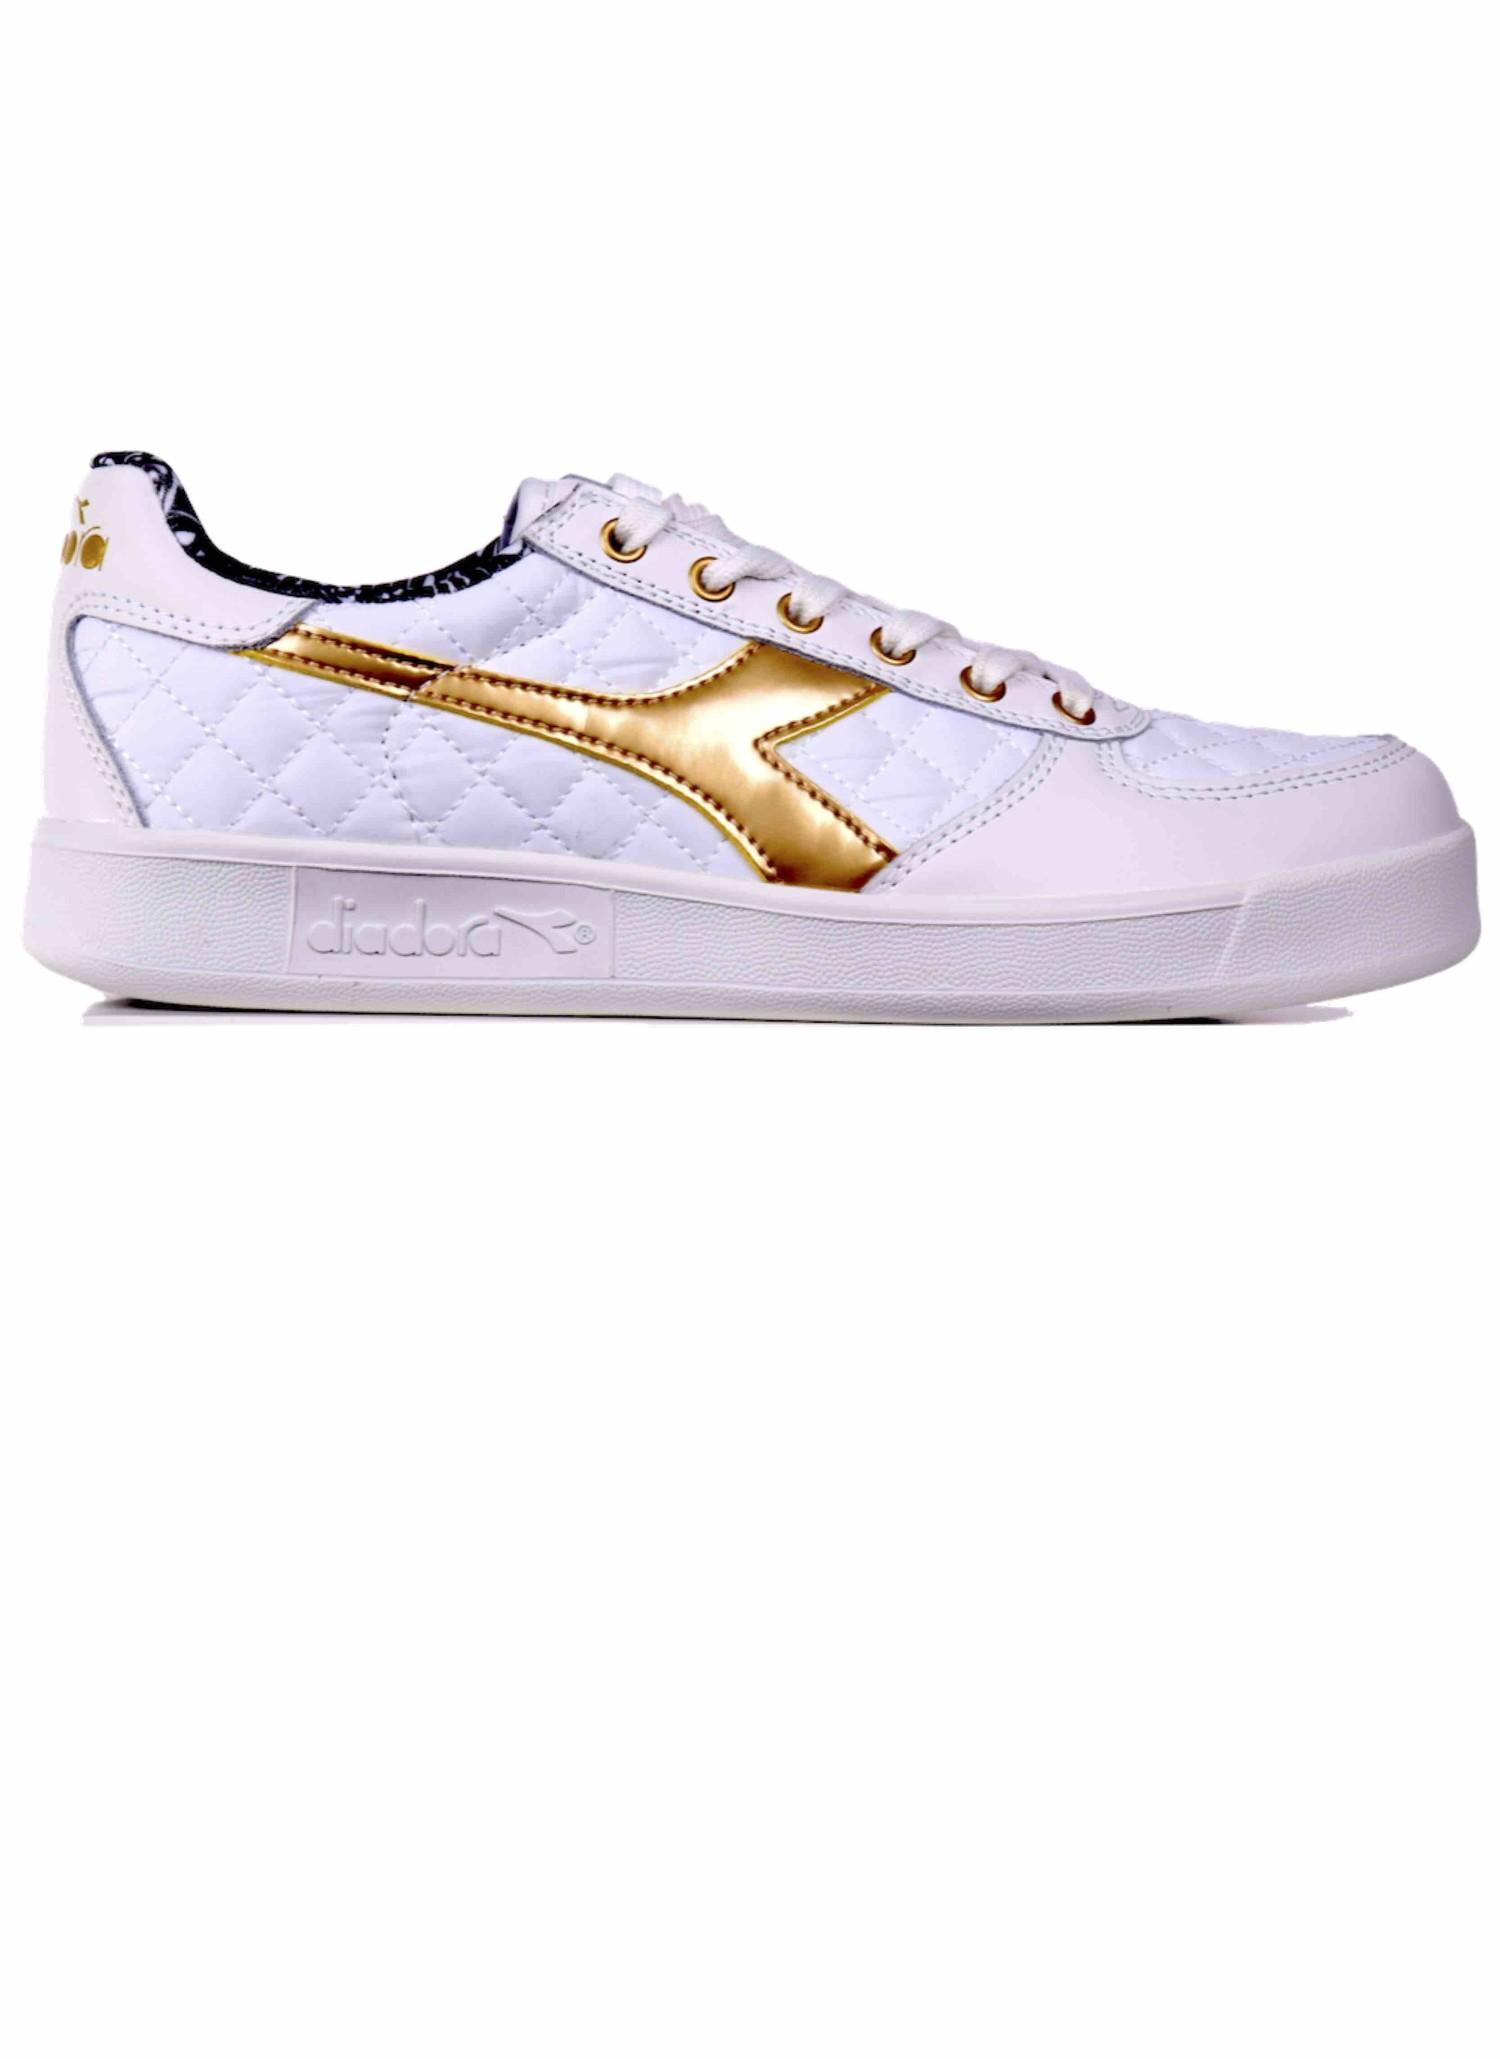 Diadora B.Elite Charm Sneakers White